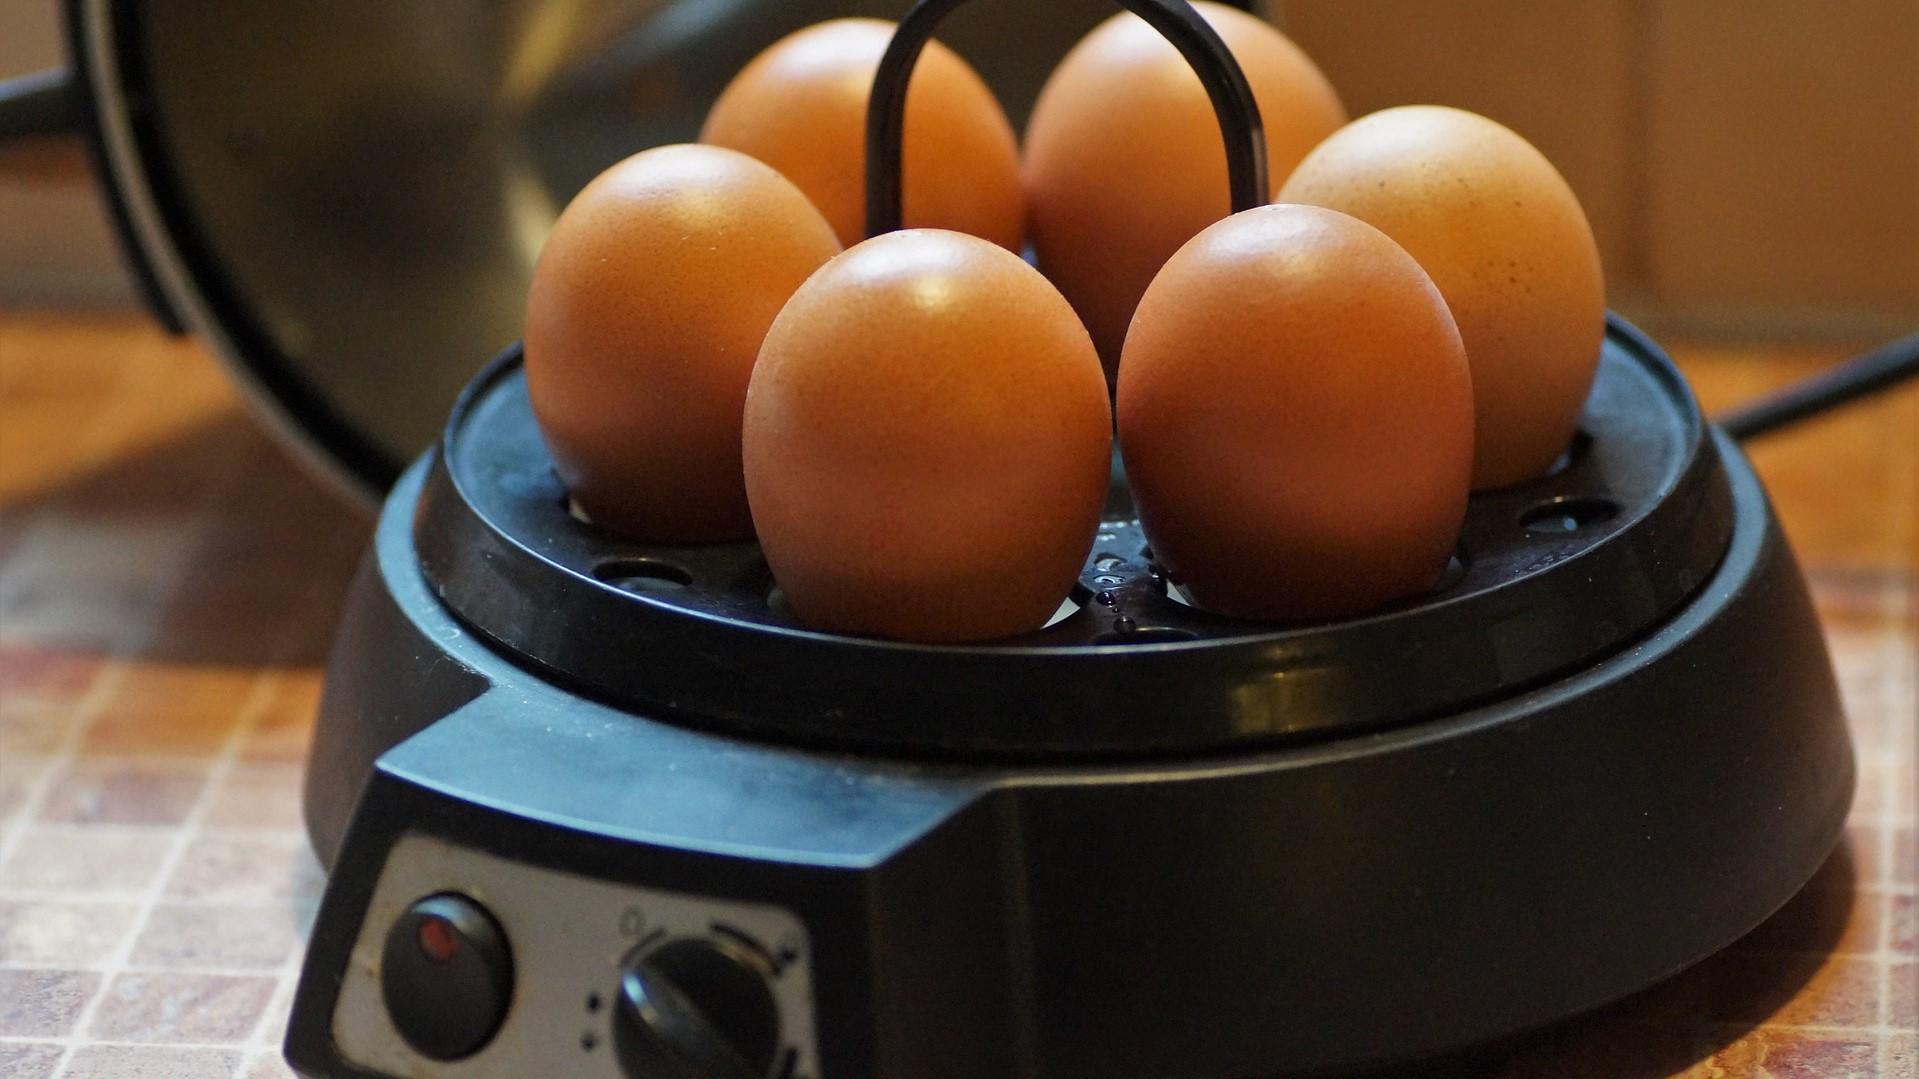 Reinigen und entkalken Sie Ihren Eierkocher regelmäßig.